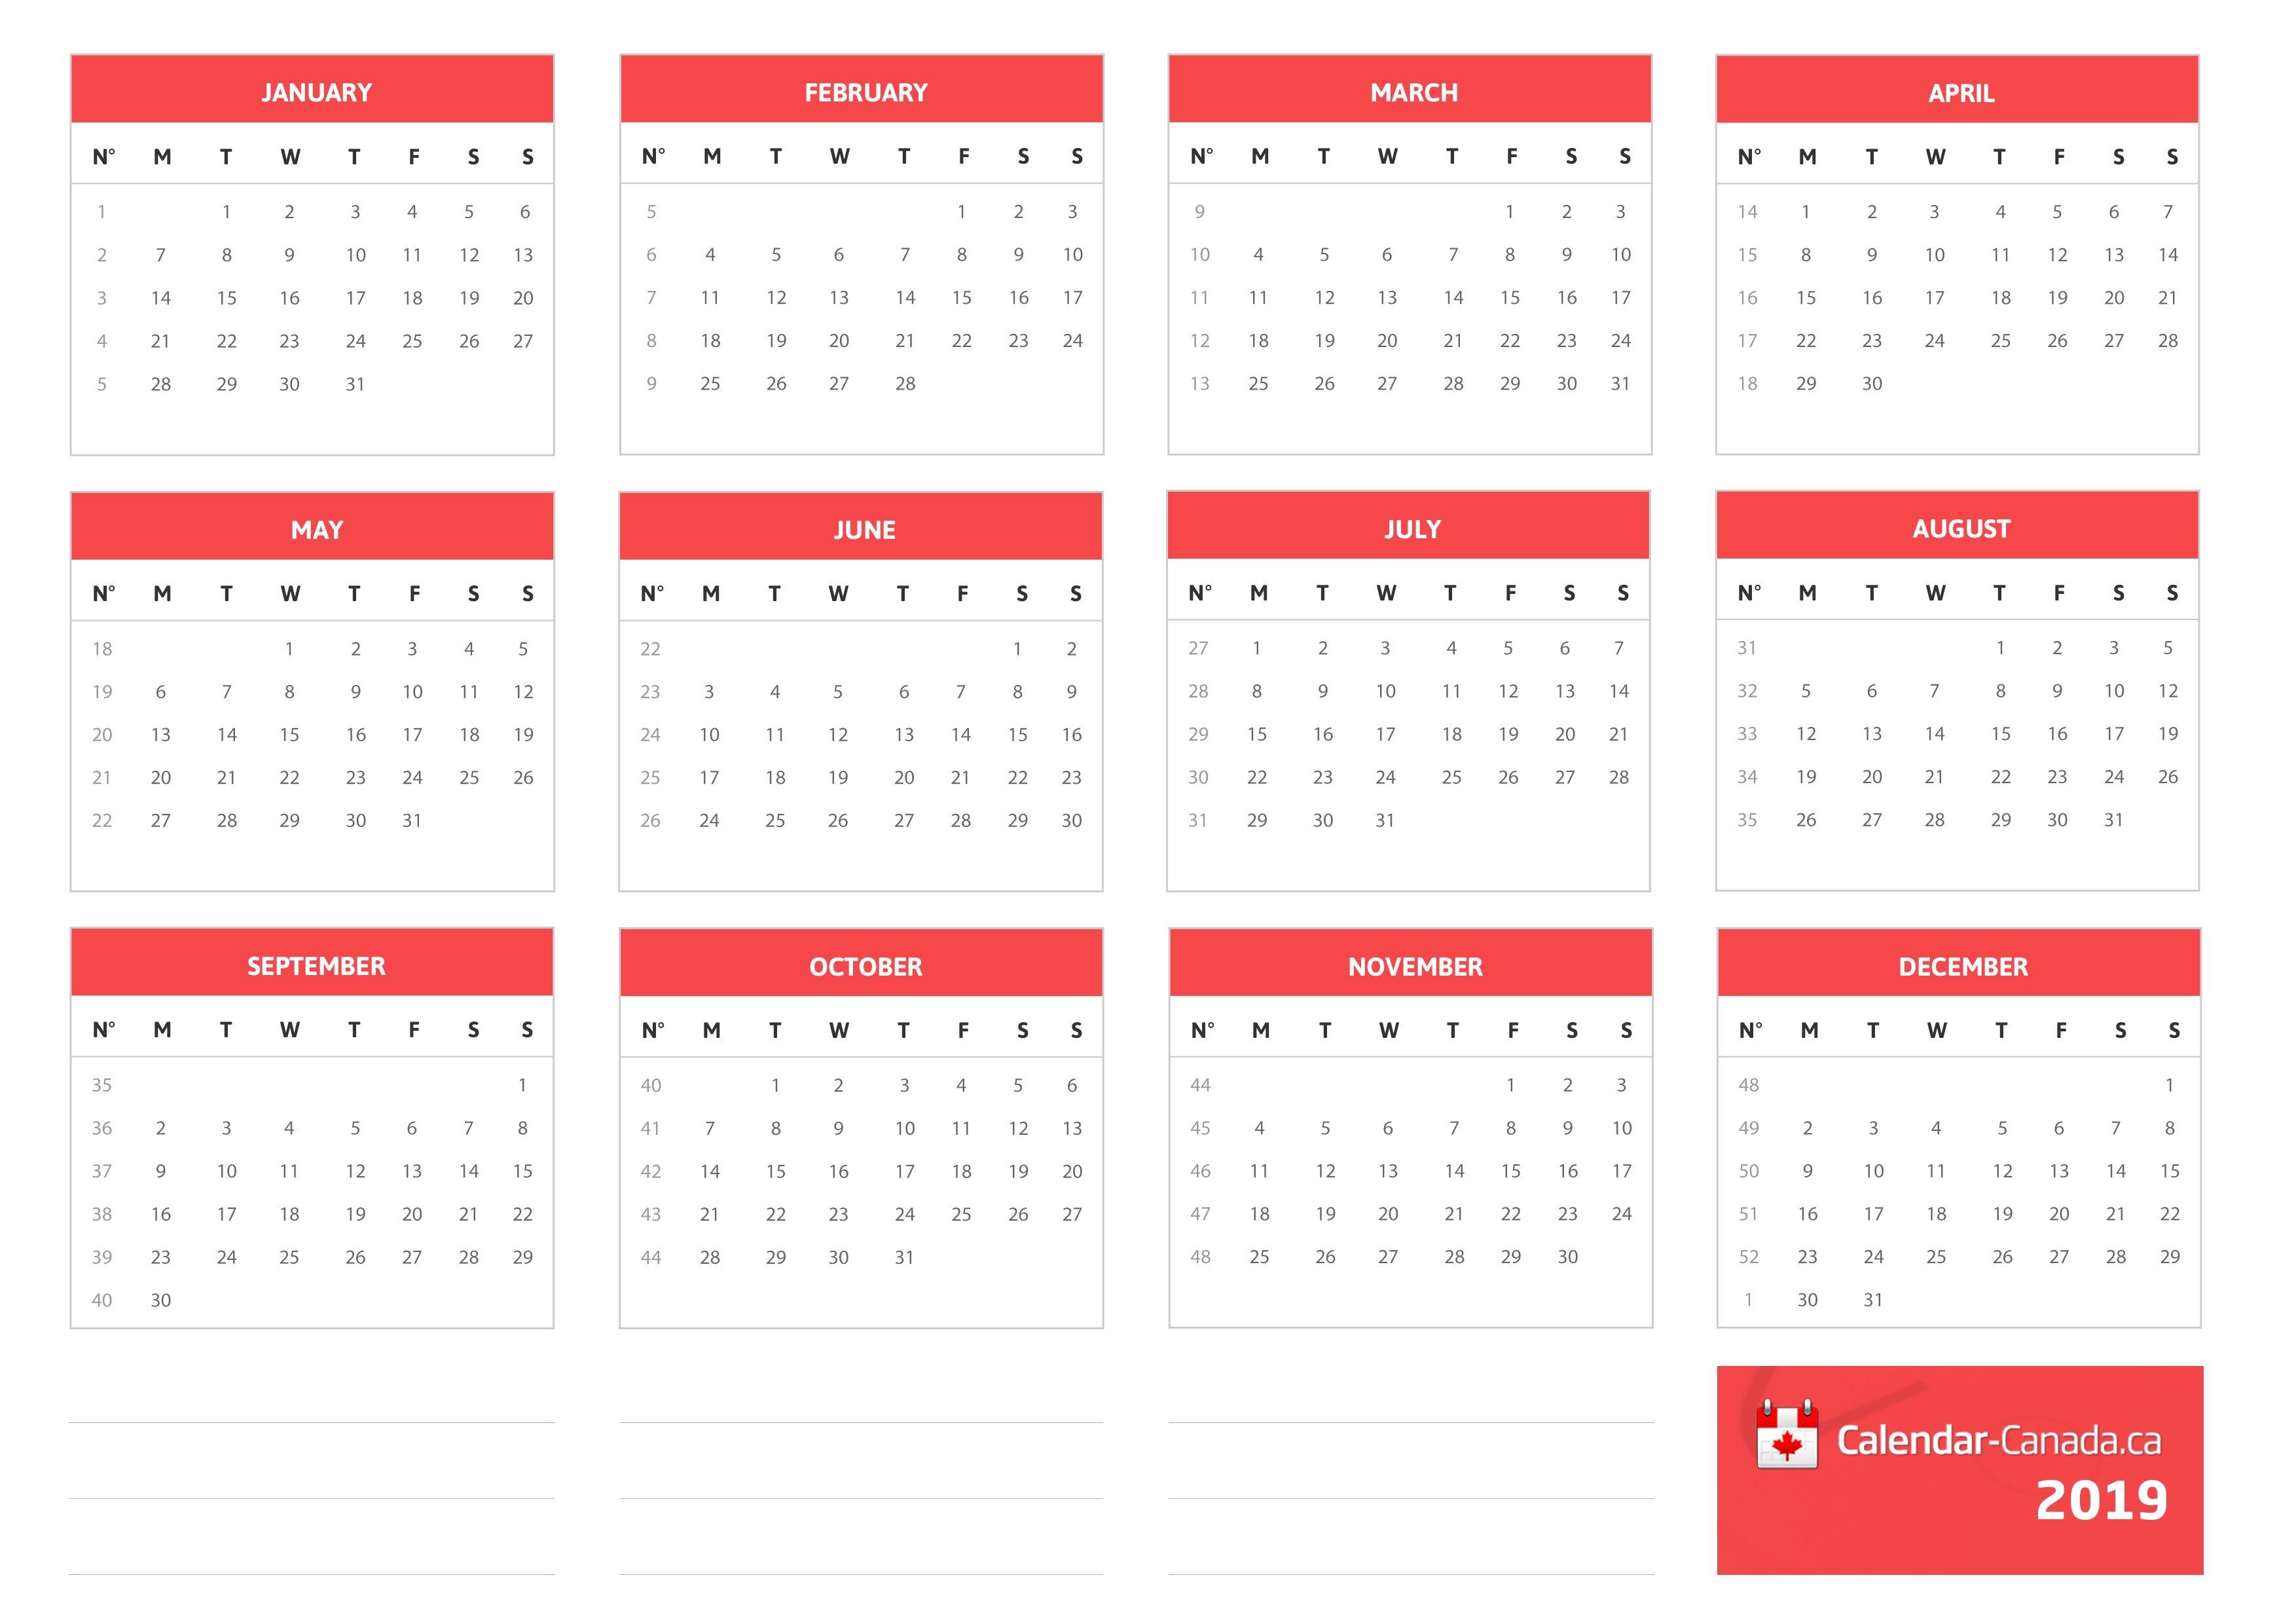 Calendar Canada.ca Free Calendar With All Important Dates For Canada Calendar Of 2019 Canada